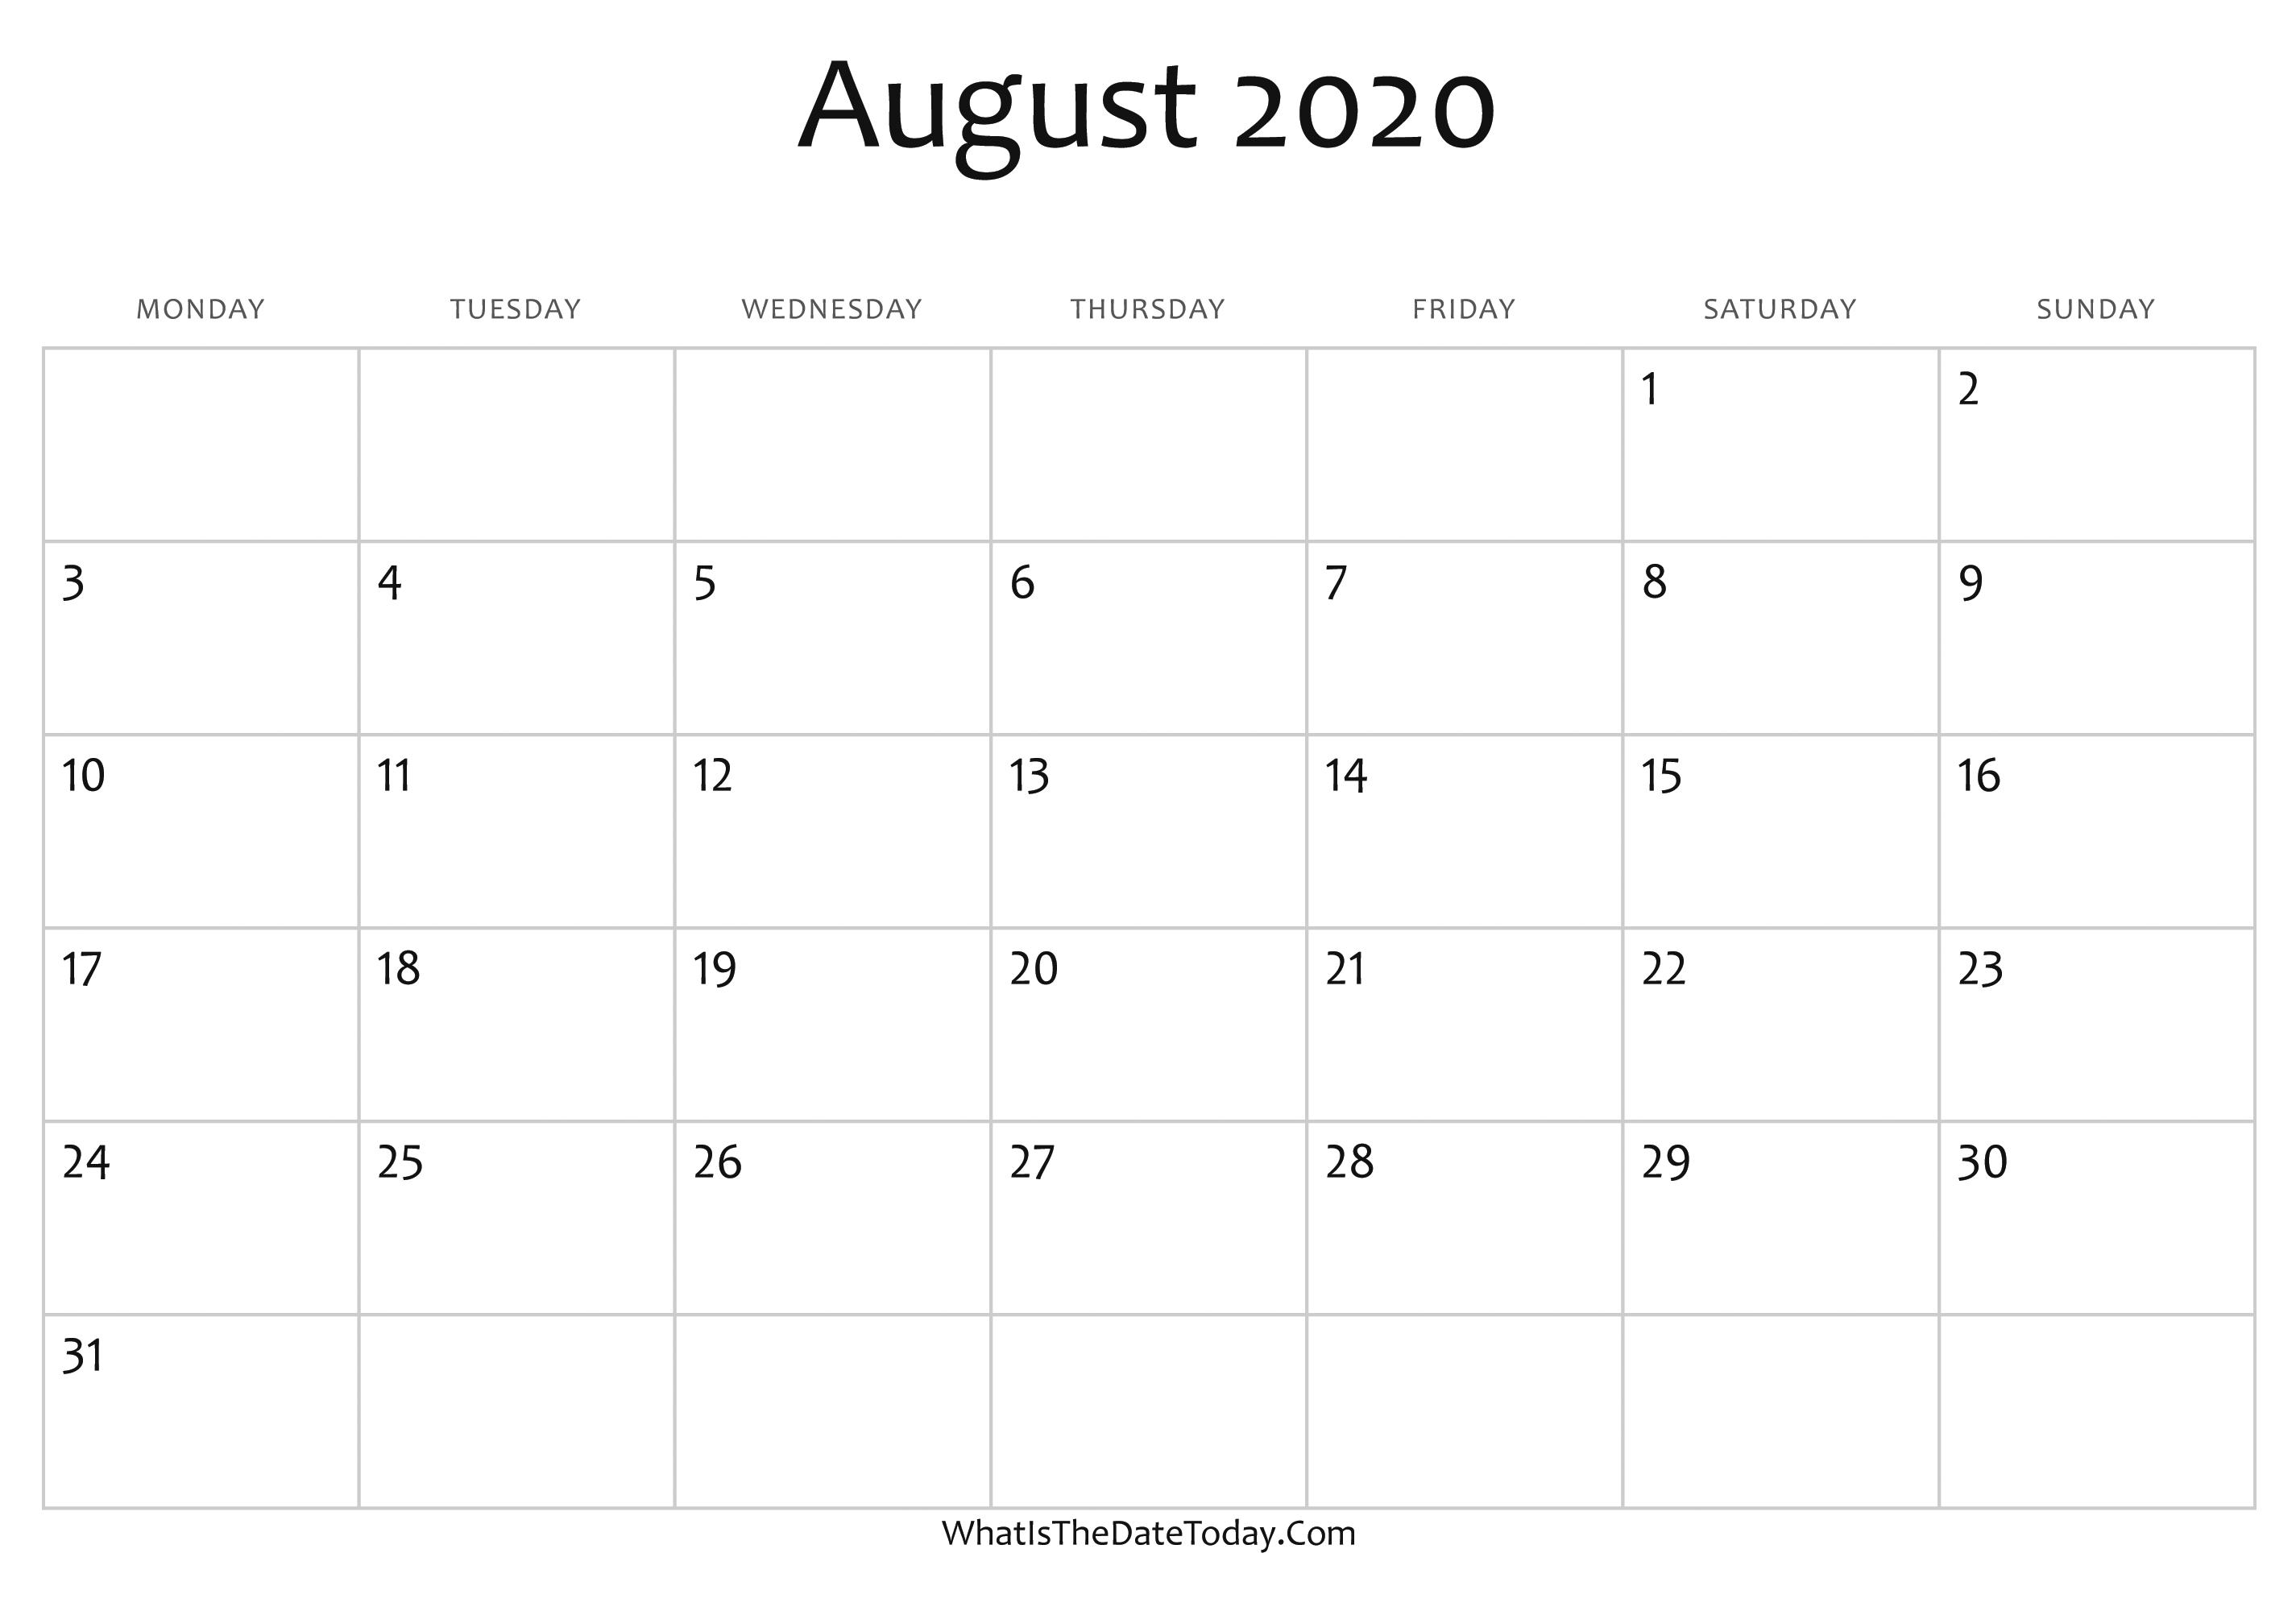 Writable Calendar 2022.Blank August Calendar 2020 Editable Whatisthedatetoday Com